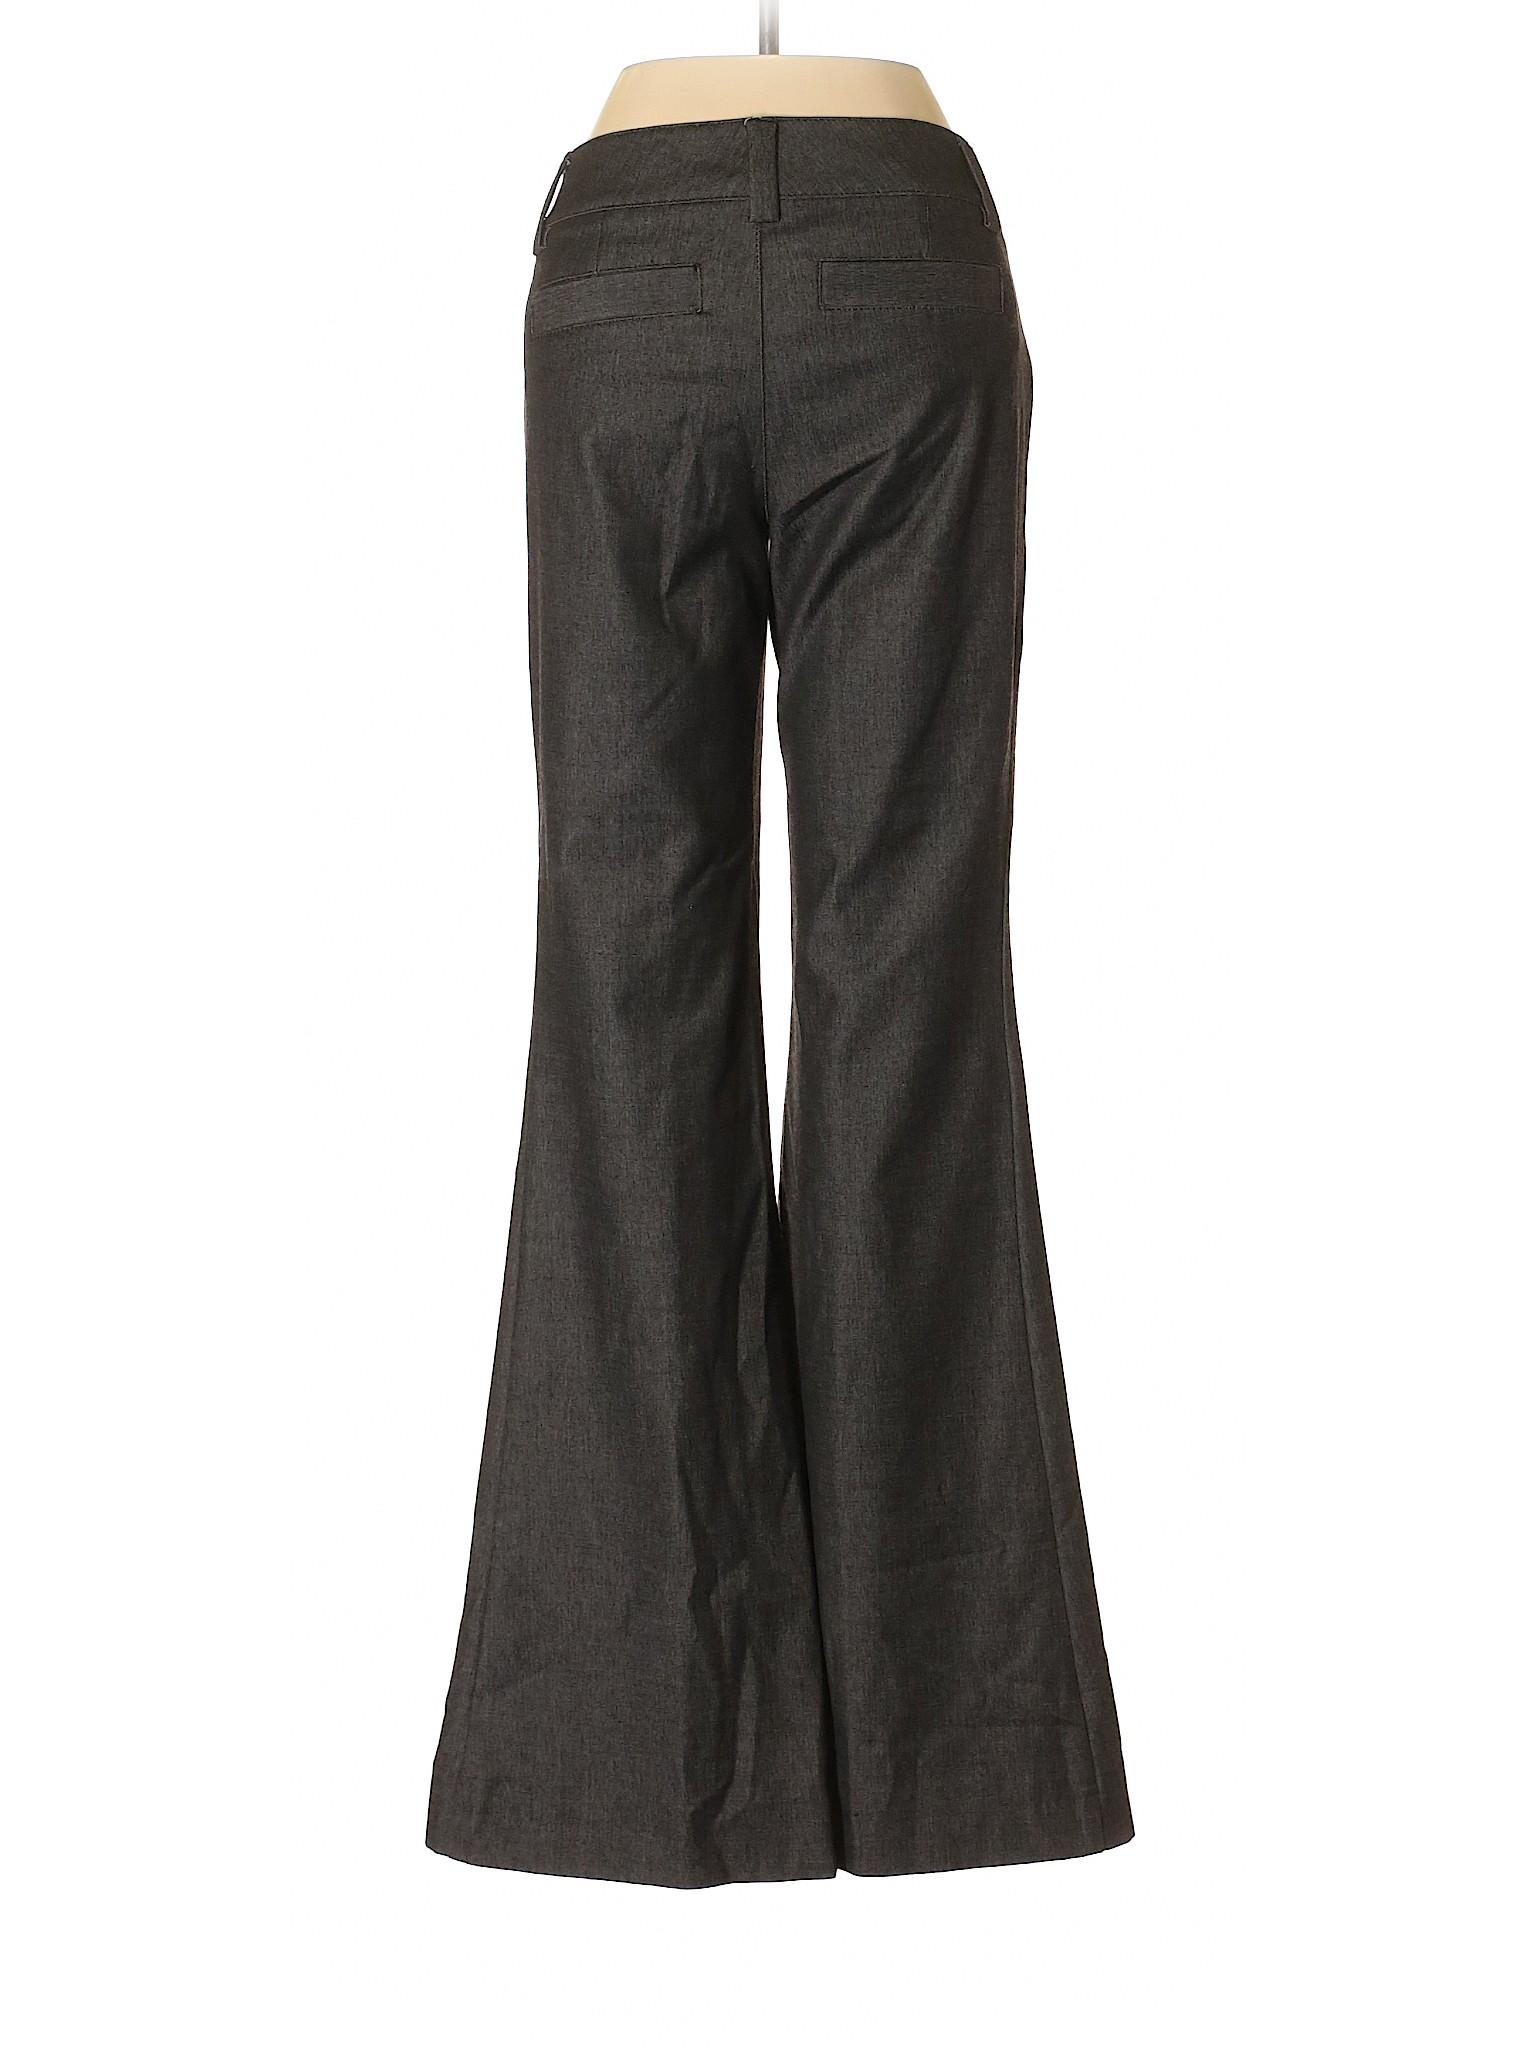 International INC Concepts Boutique leisure Pants Dress qREWv